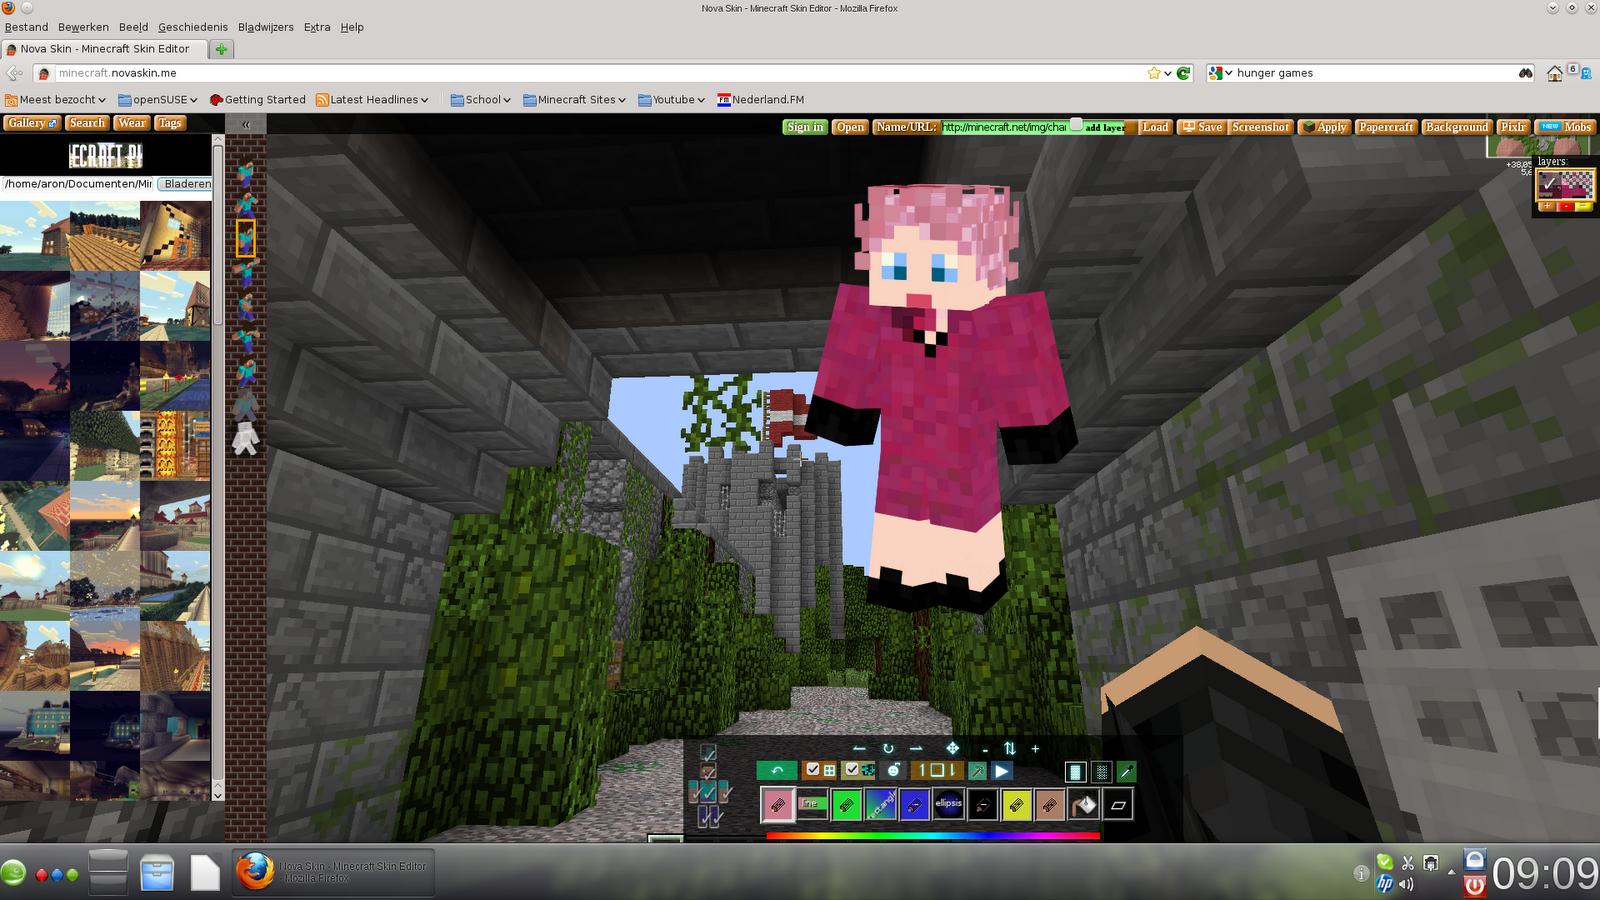 Here's Effie Trinket